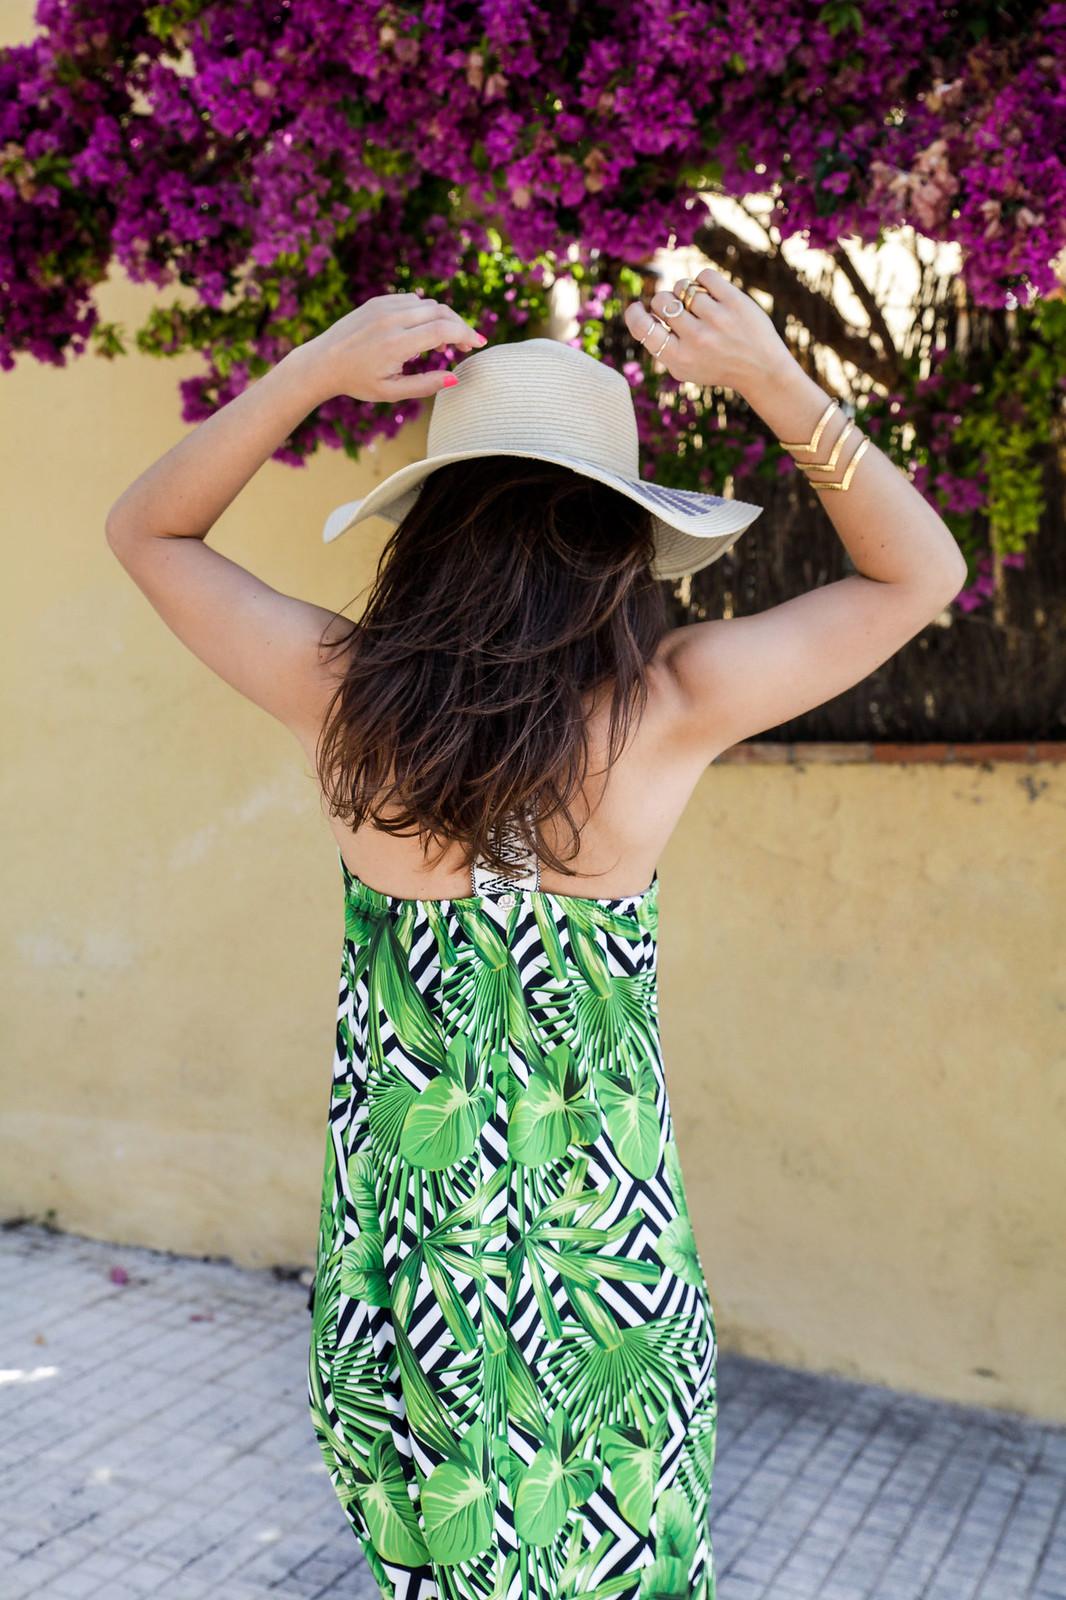 07_vestido_palmeras_tendencia_verano_theguestgirl_rüga_portugal